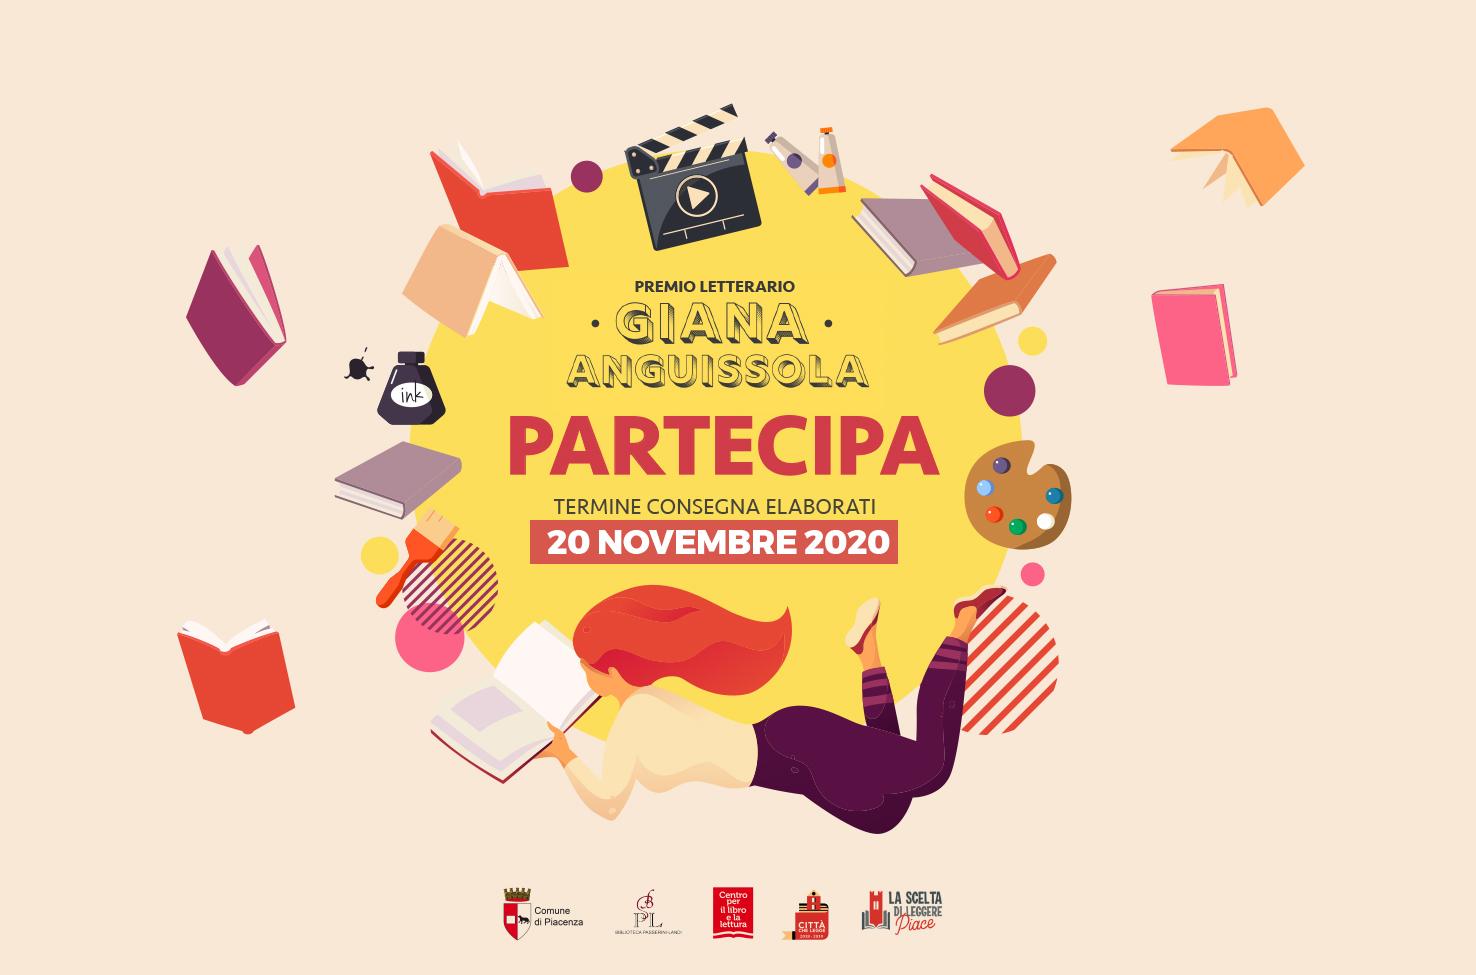 Premio Letterario Giana Anguissola: Scuole Secondarie di Primo Grado